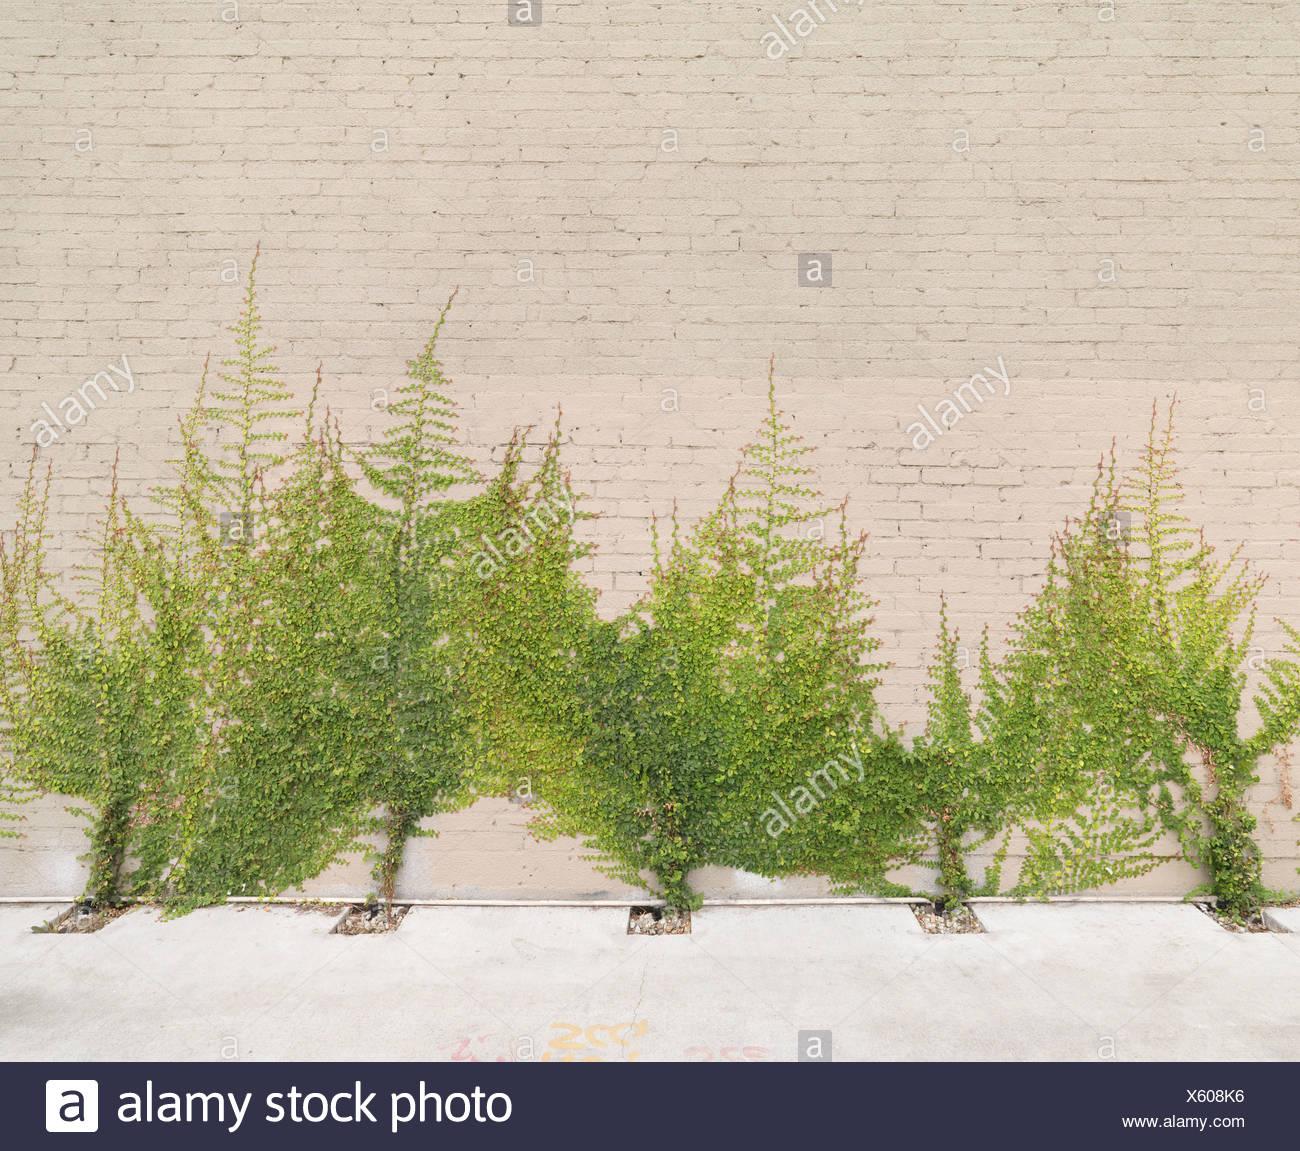 Baumartiger Efeu wächst an Wand Stockfoto